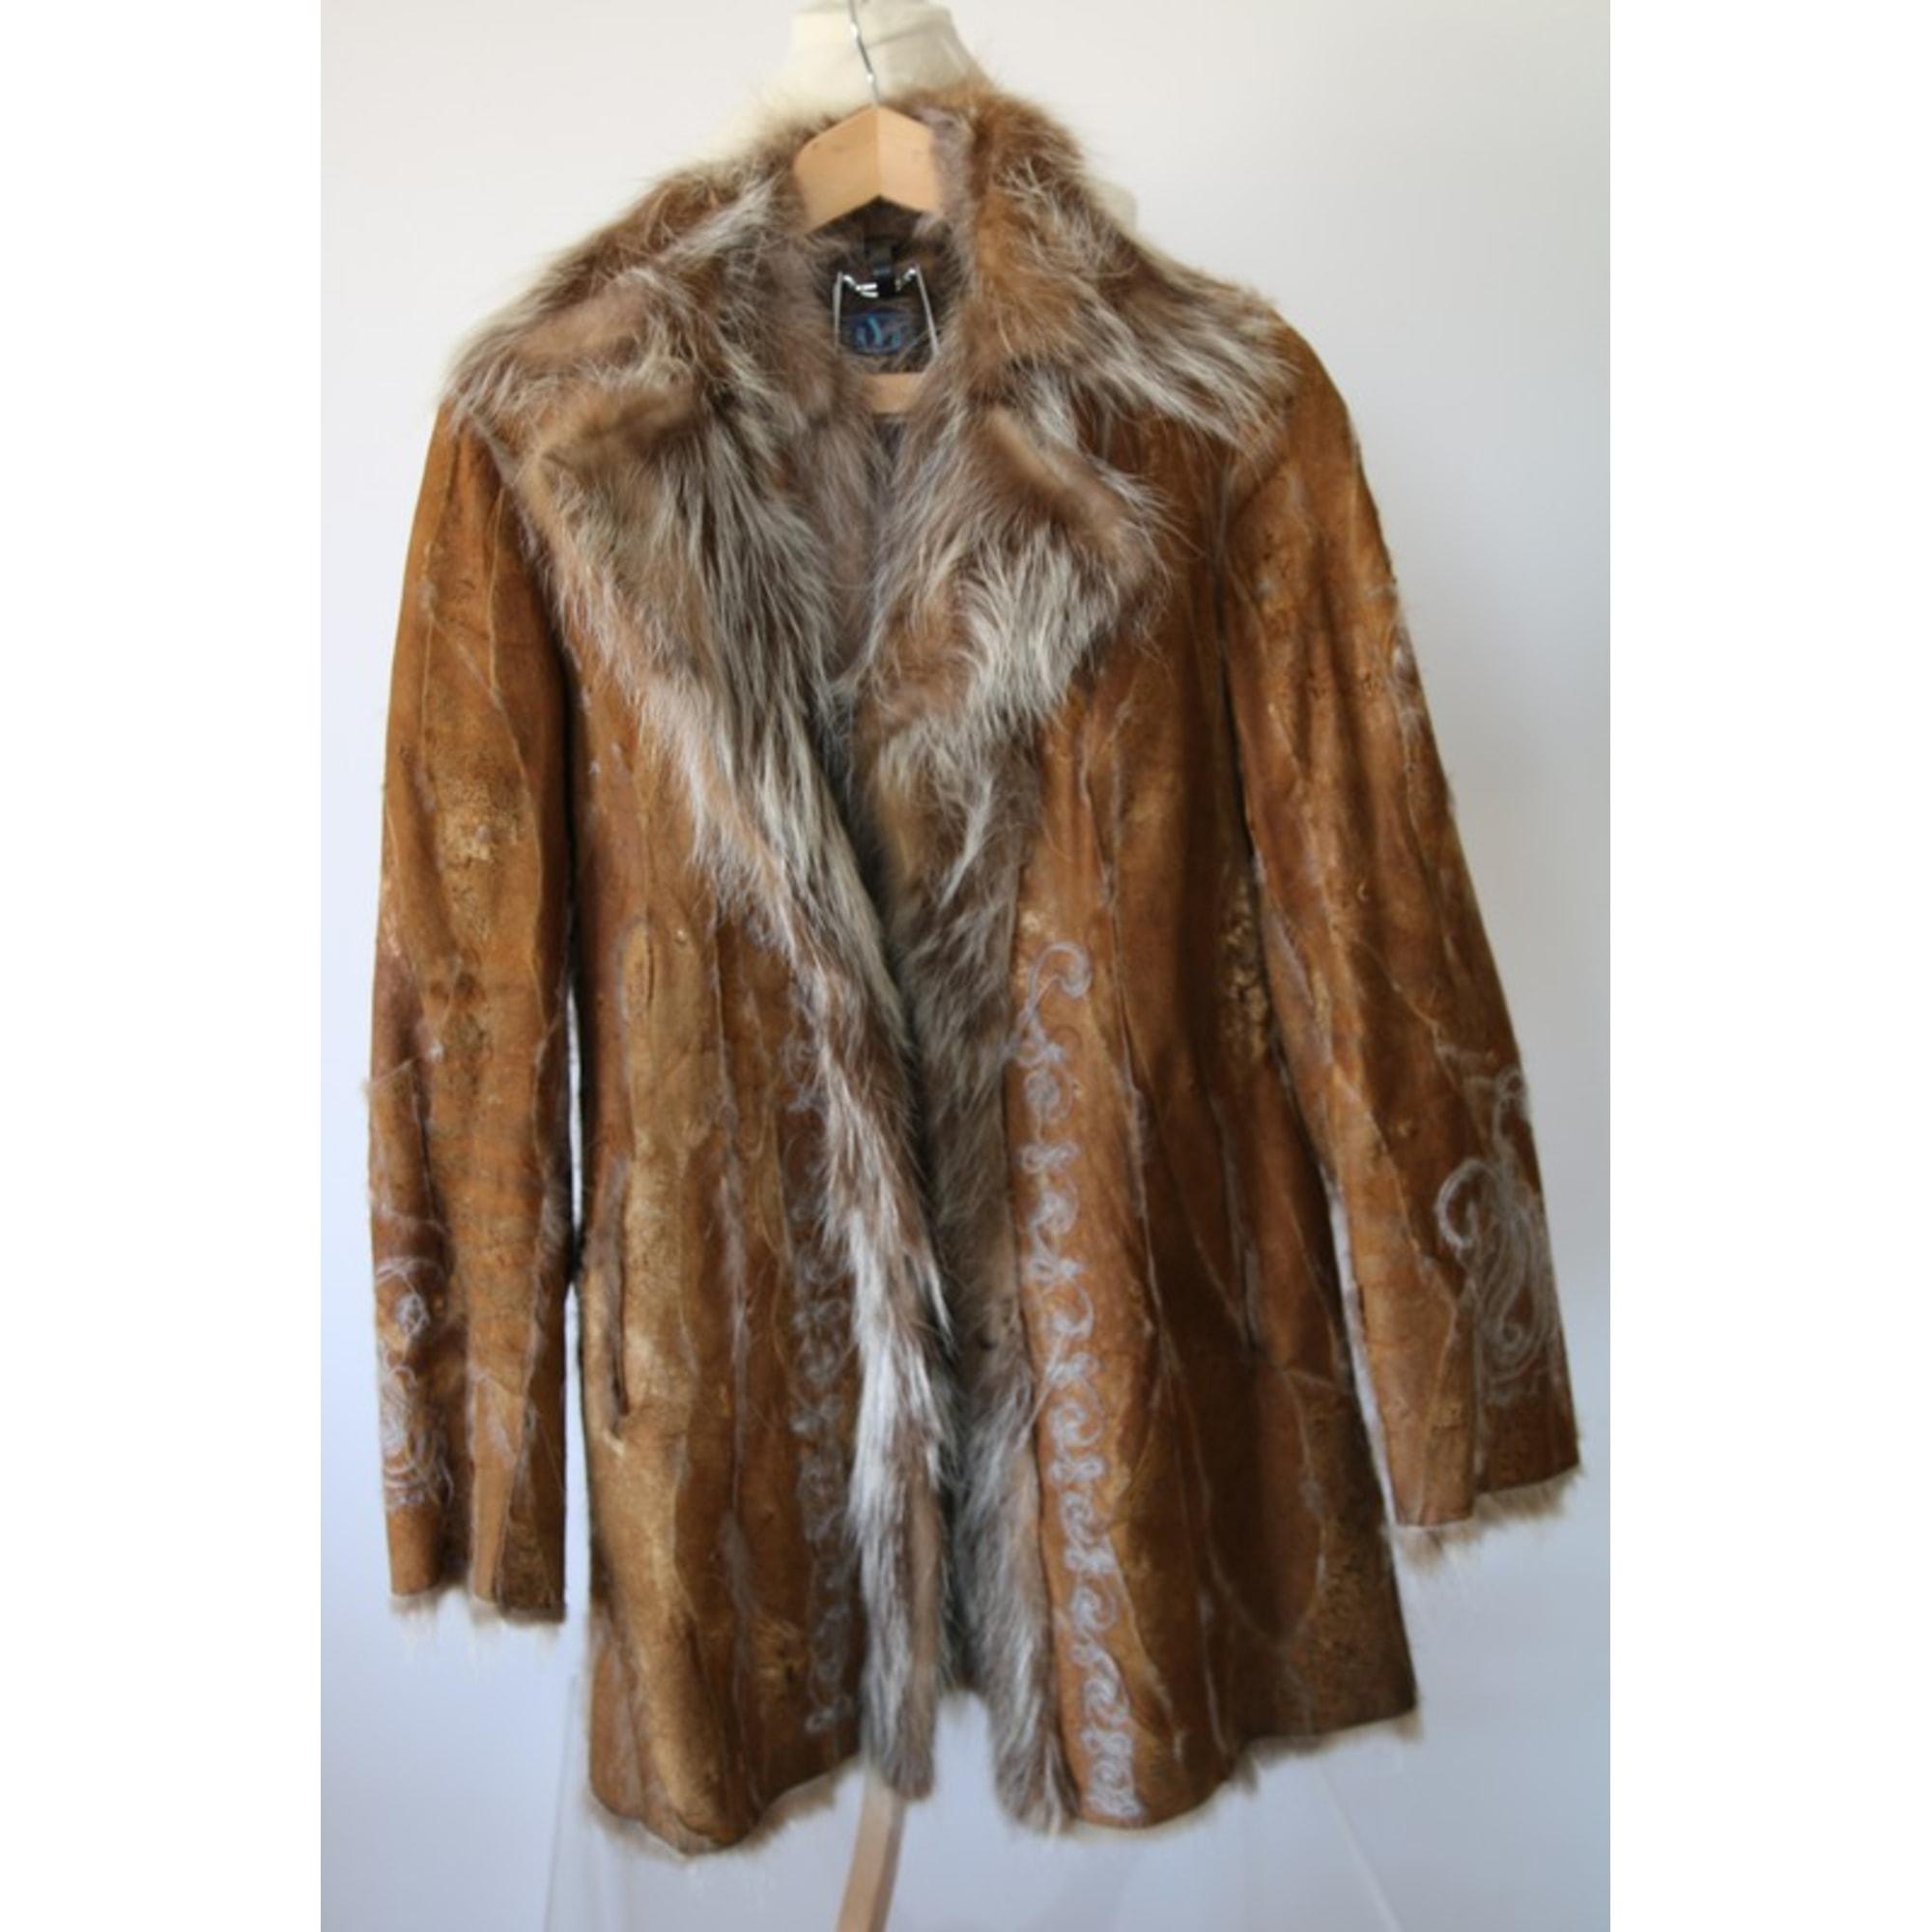 Manteau en fourrure KRYOS Beige, camel